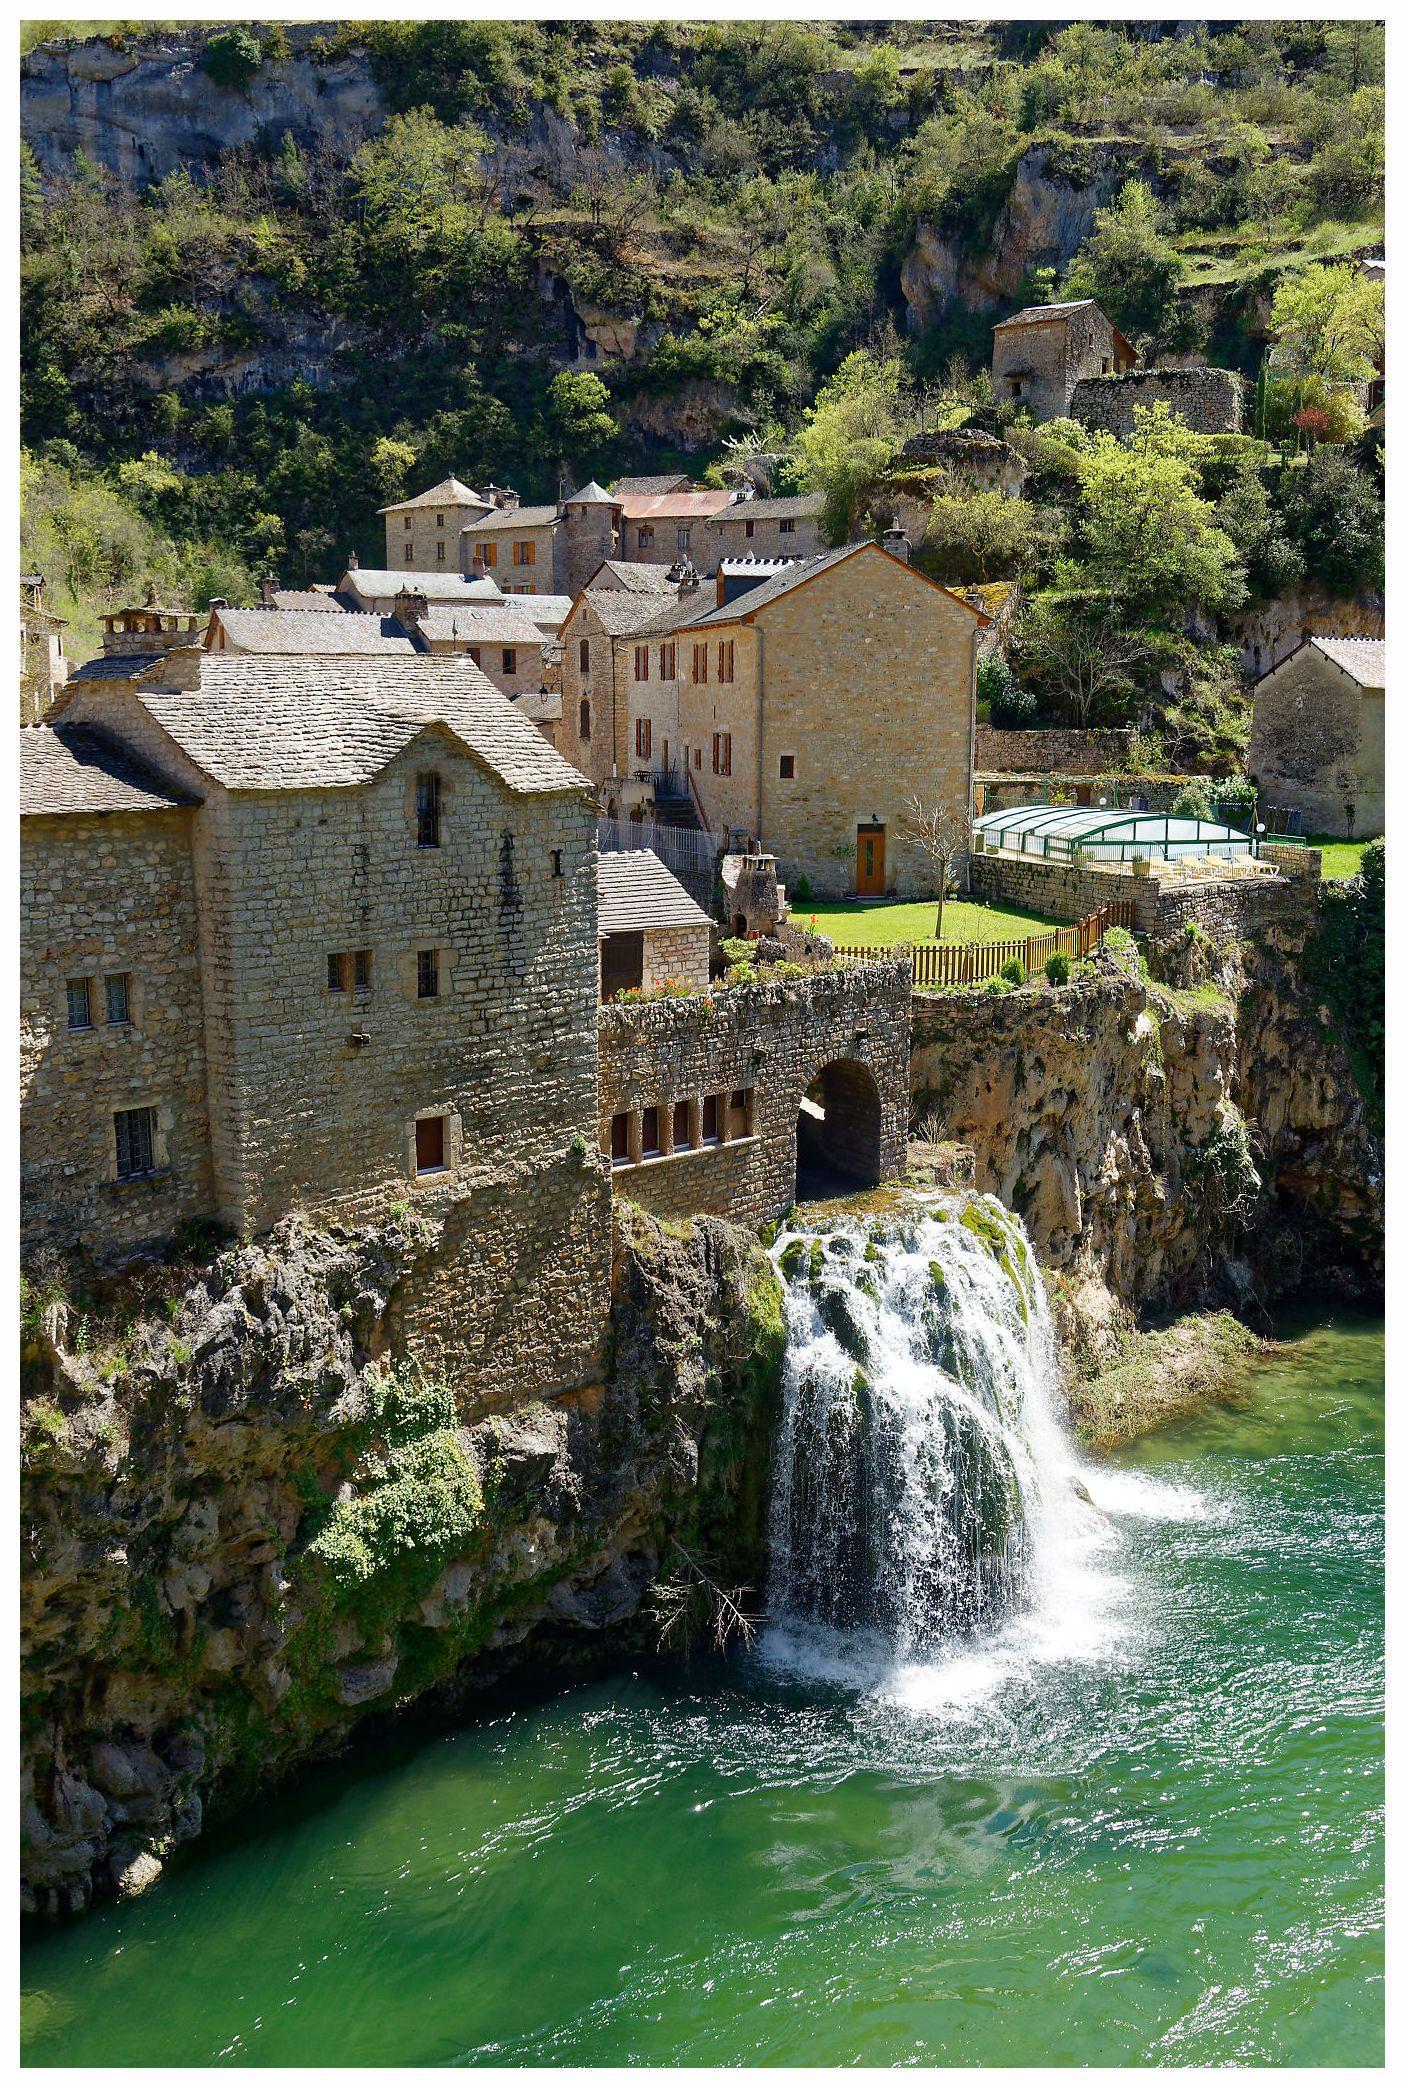 Voyage En Lozere Dans Les Gorges Du Tarn Les Causses Et Les Cevennes Lozere Voyage En France Gorge Du Tarn